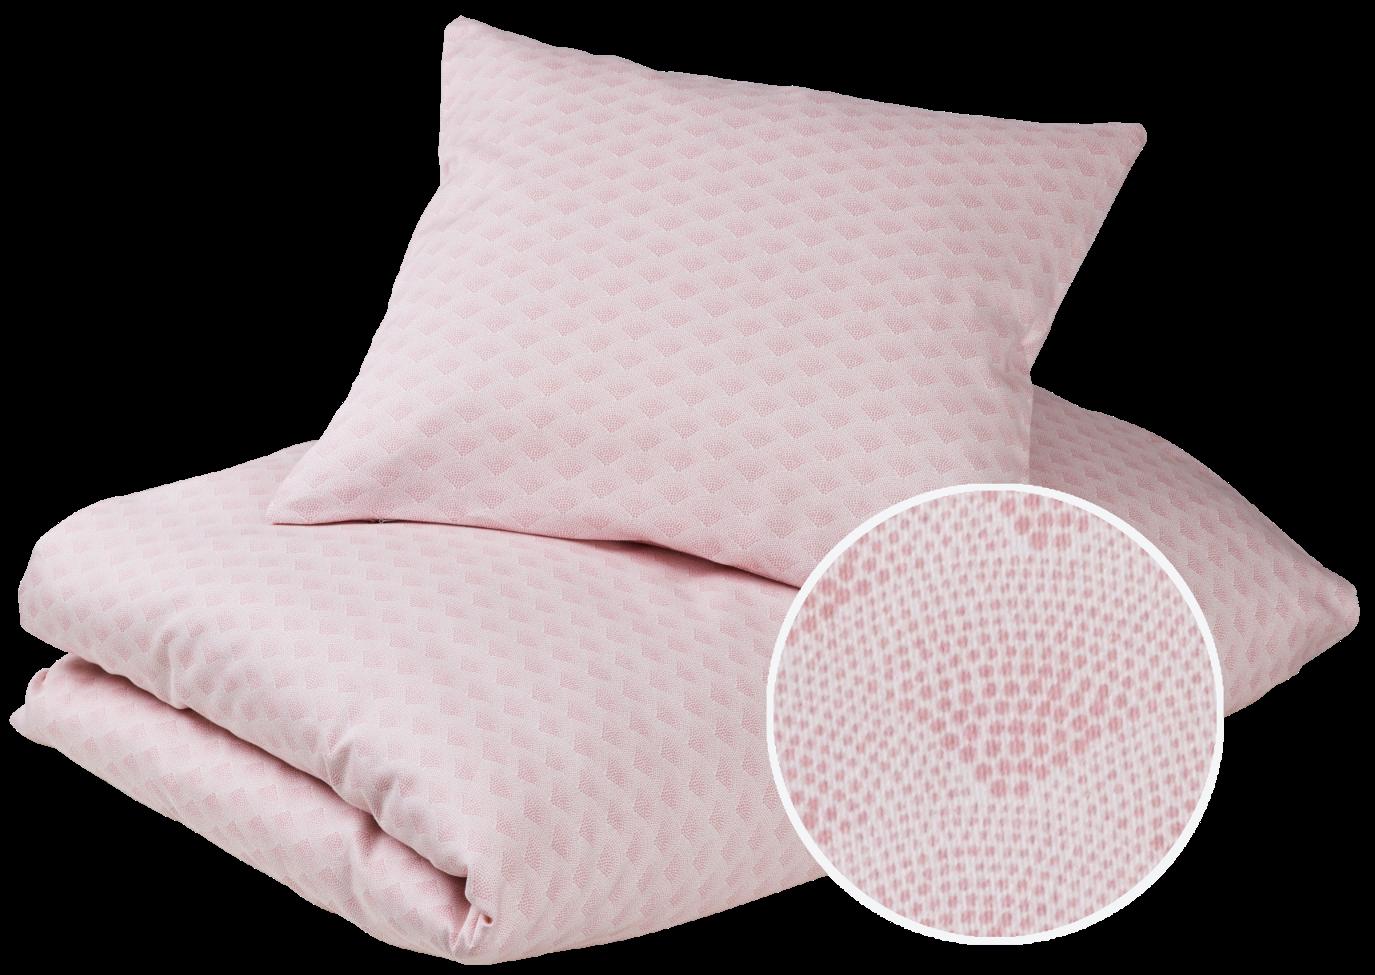 baby sengetøj Baby sengetøj fra Gubini   super lækkert og økologisk babysengetøj  baby sengetøj